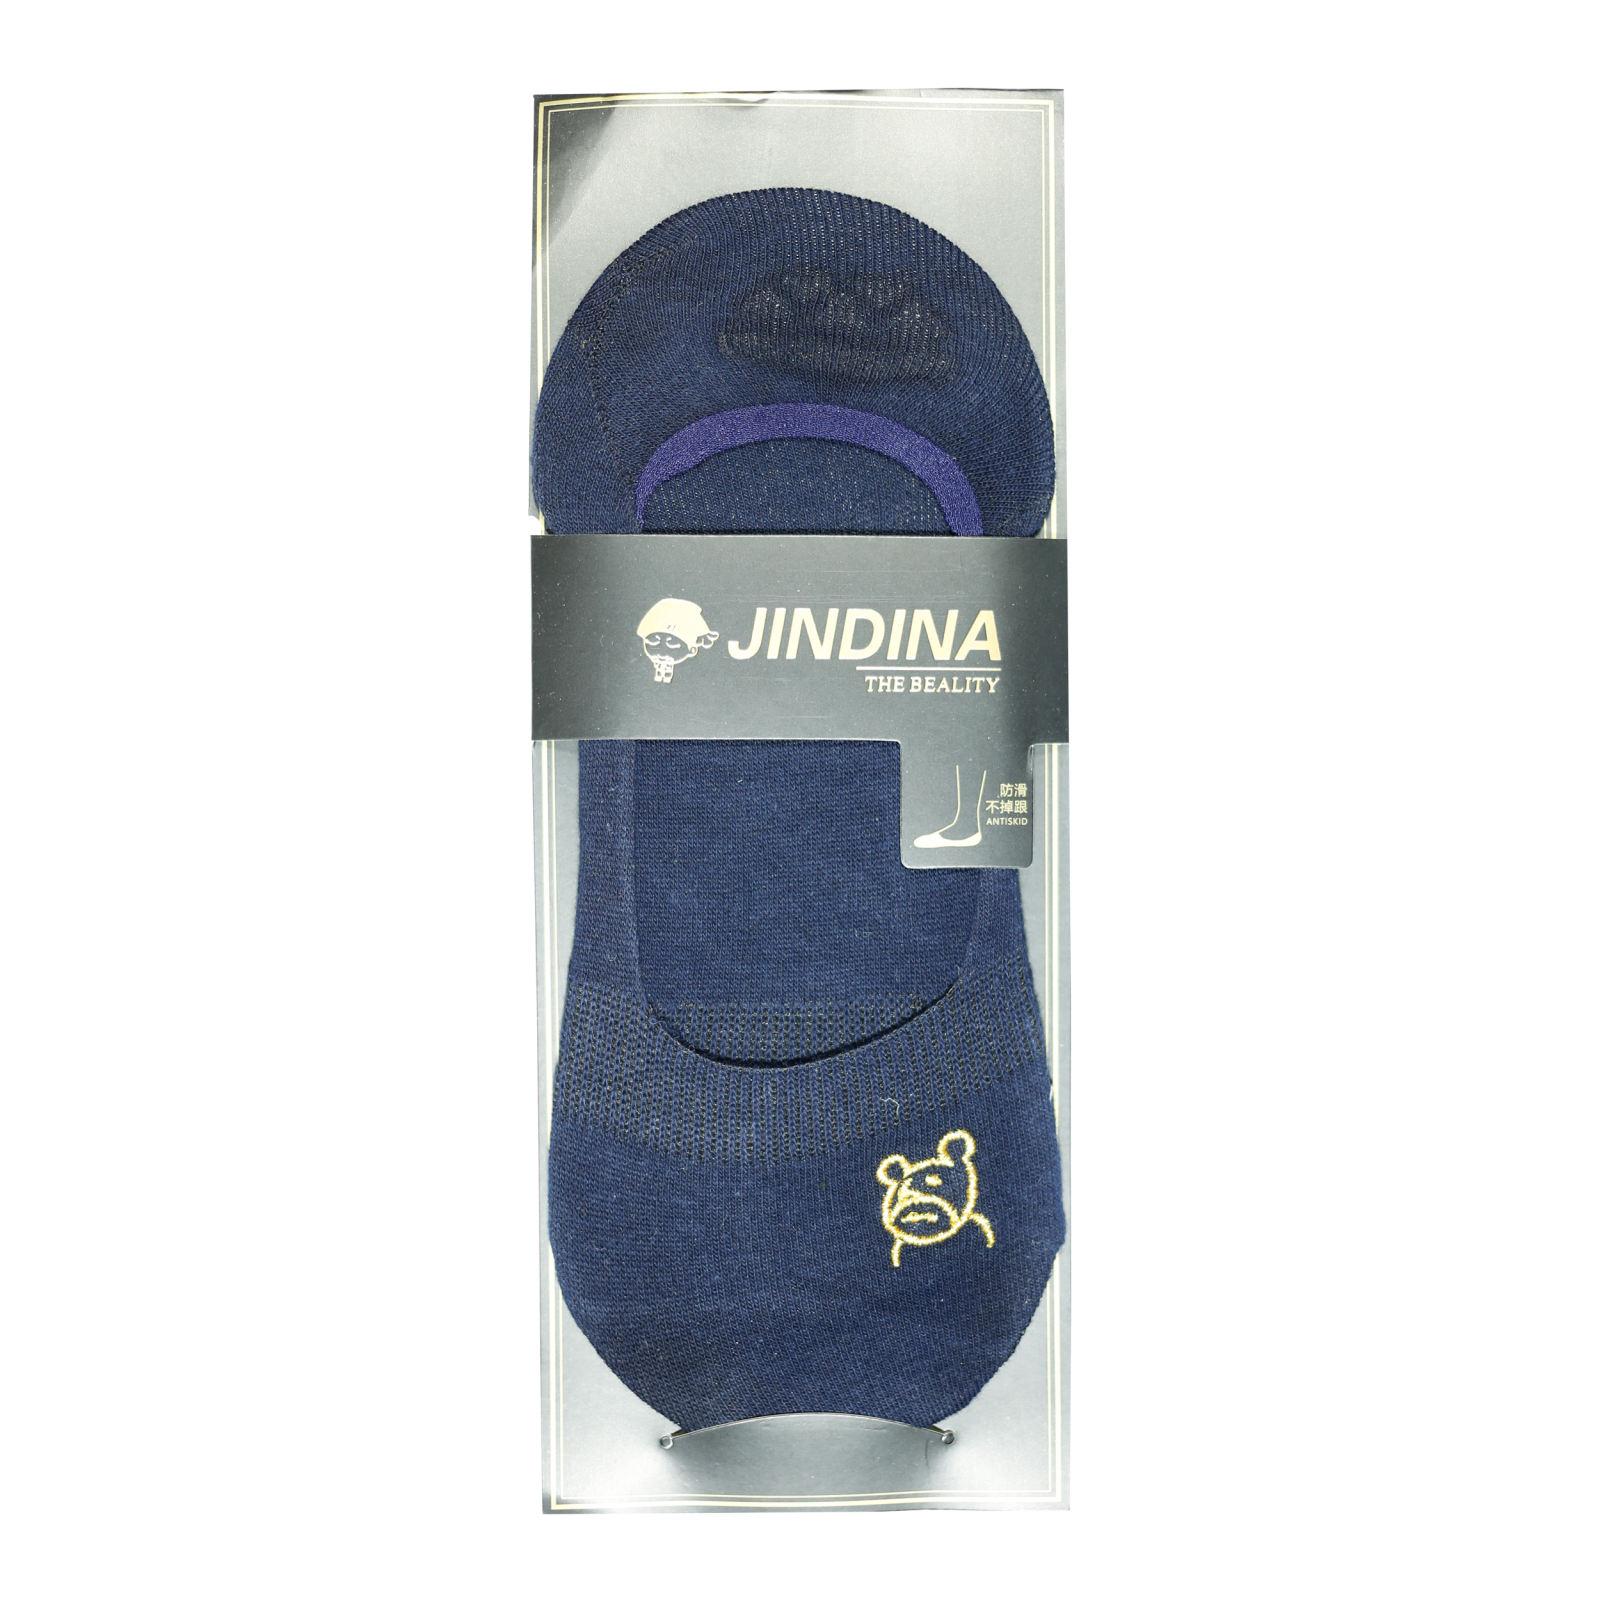 جوراب مردانه جین دینا کد BL-CK 201 مجموعه 3 عددی -  - 3